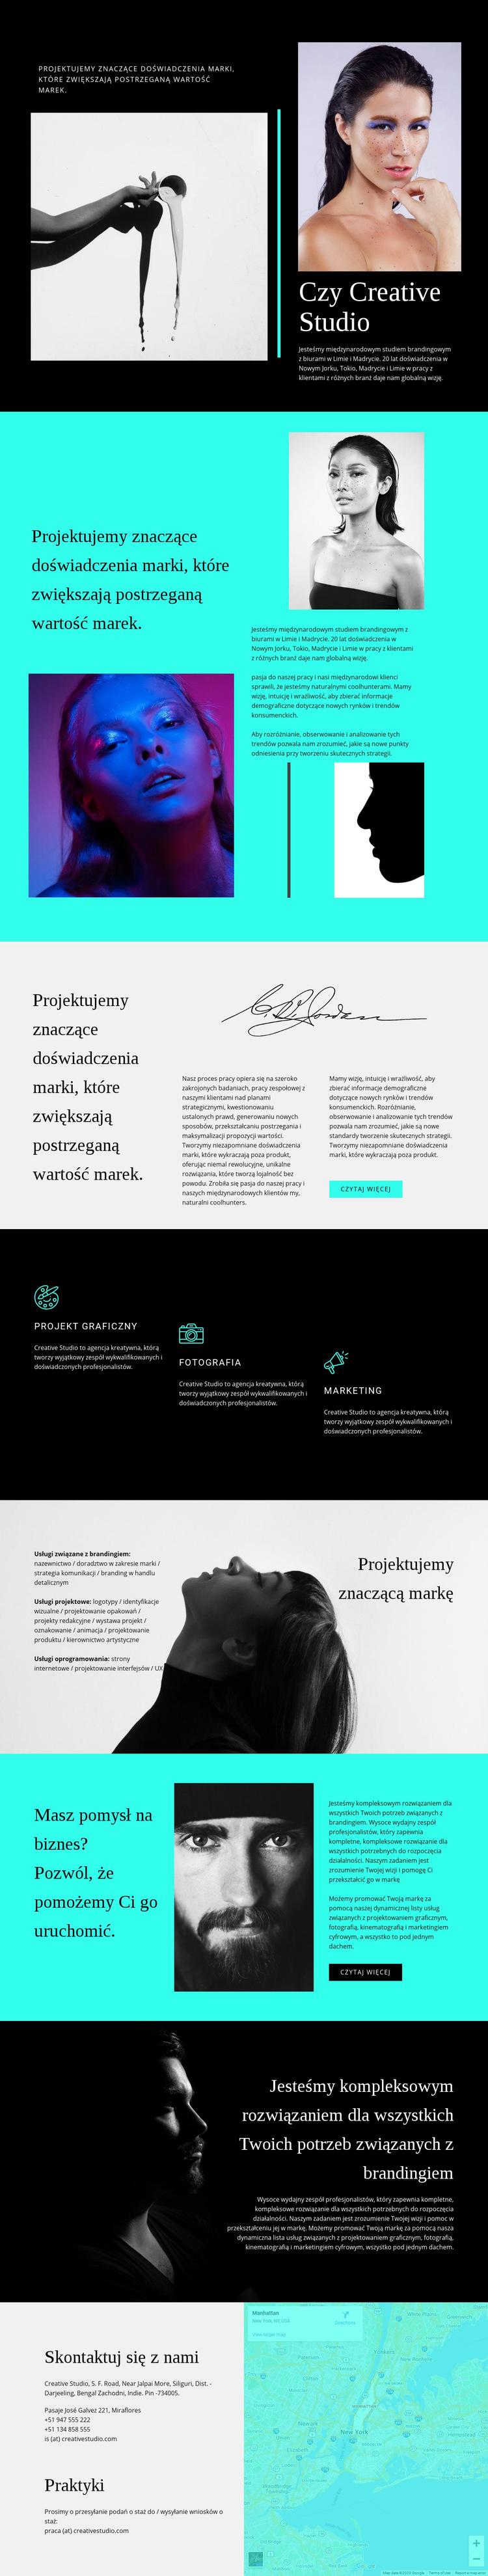 Tworzenie pomysłowych rozwiązań Szablon witryny sieci Web